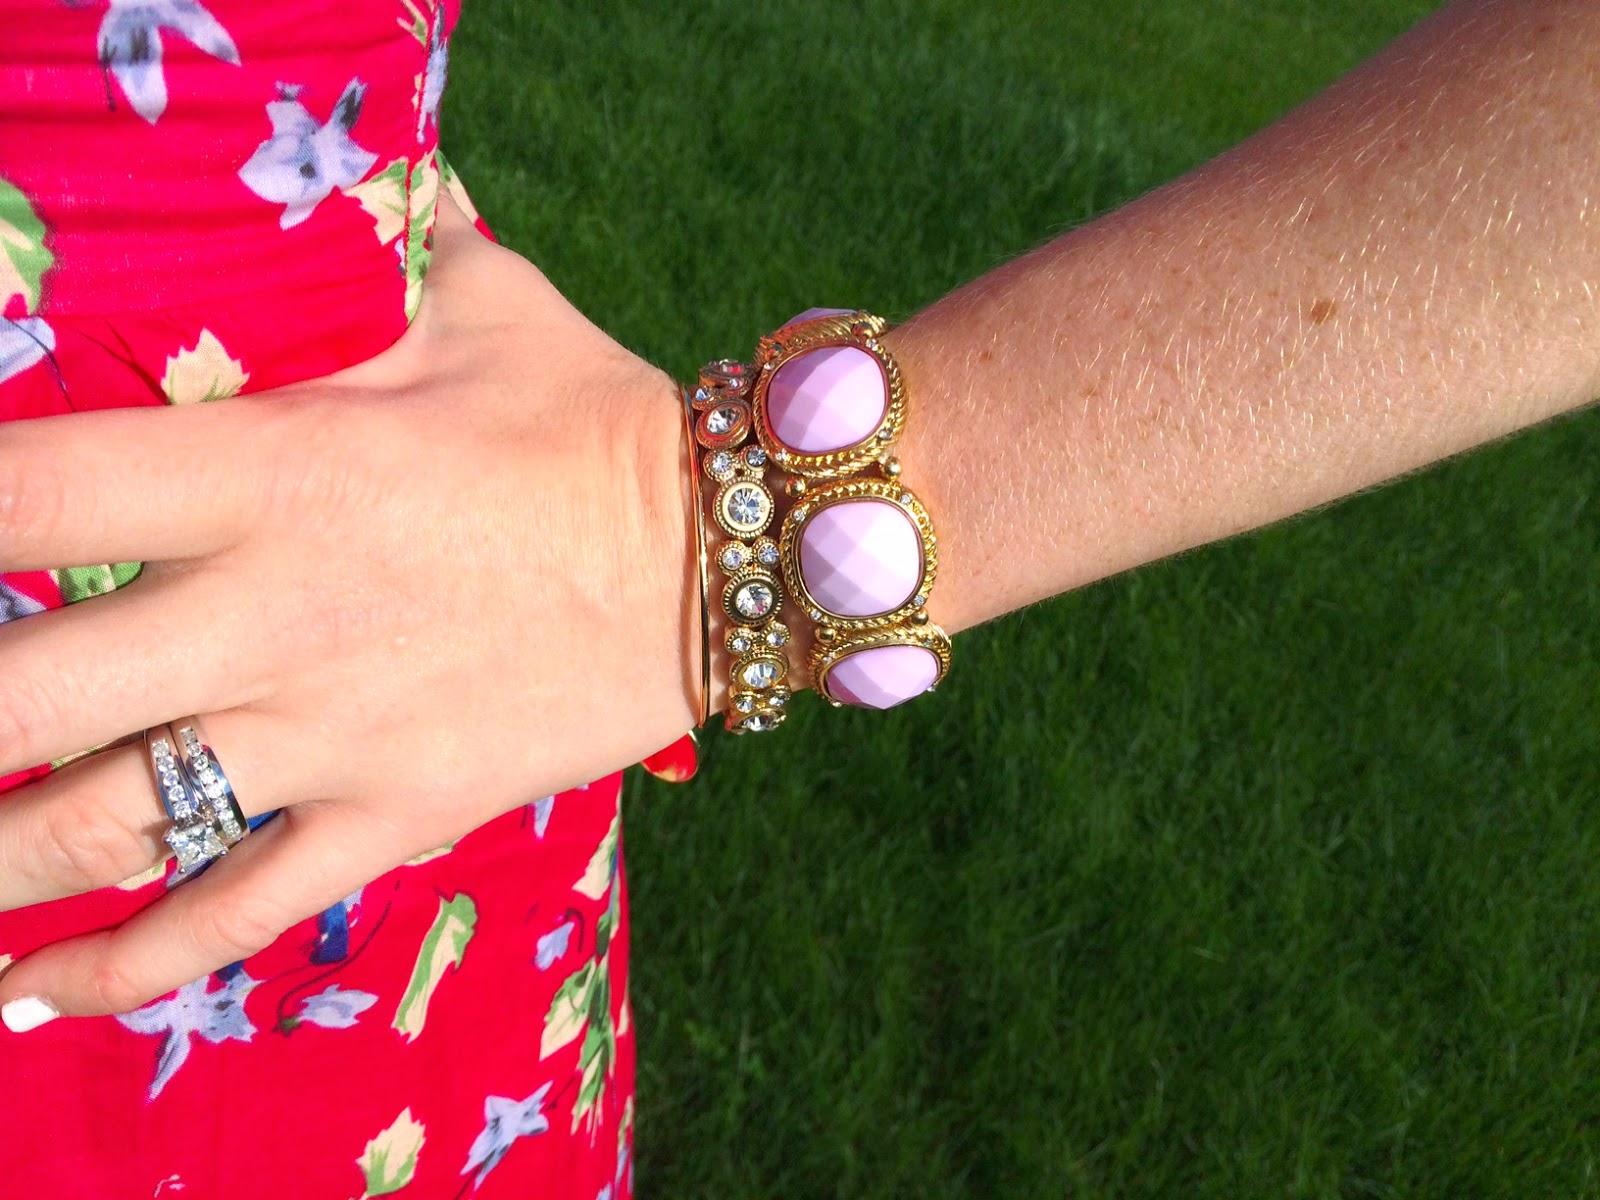 Pink Floral One Shoulder Dress and bracelets